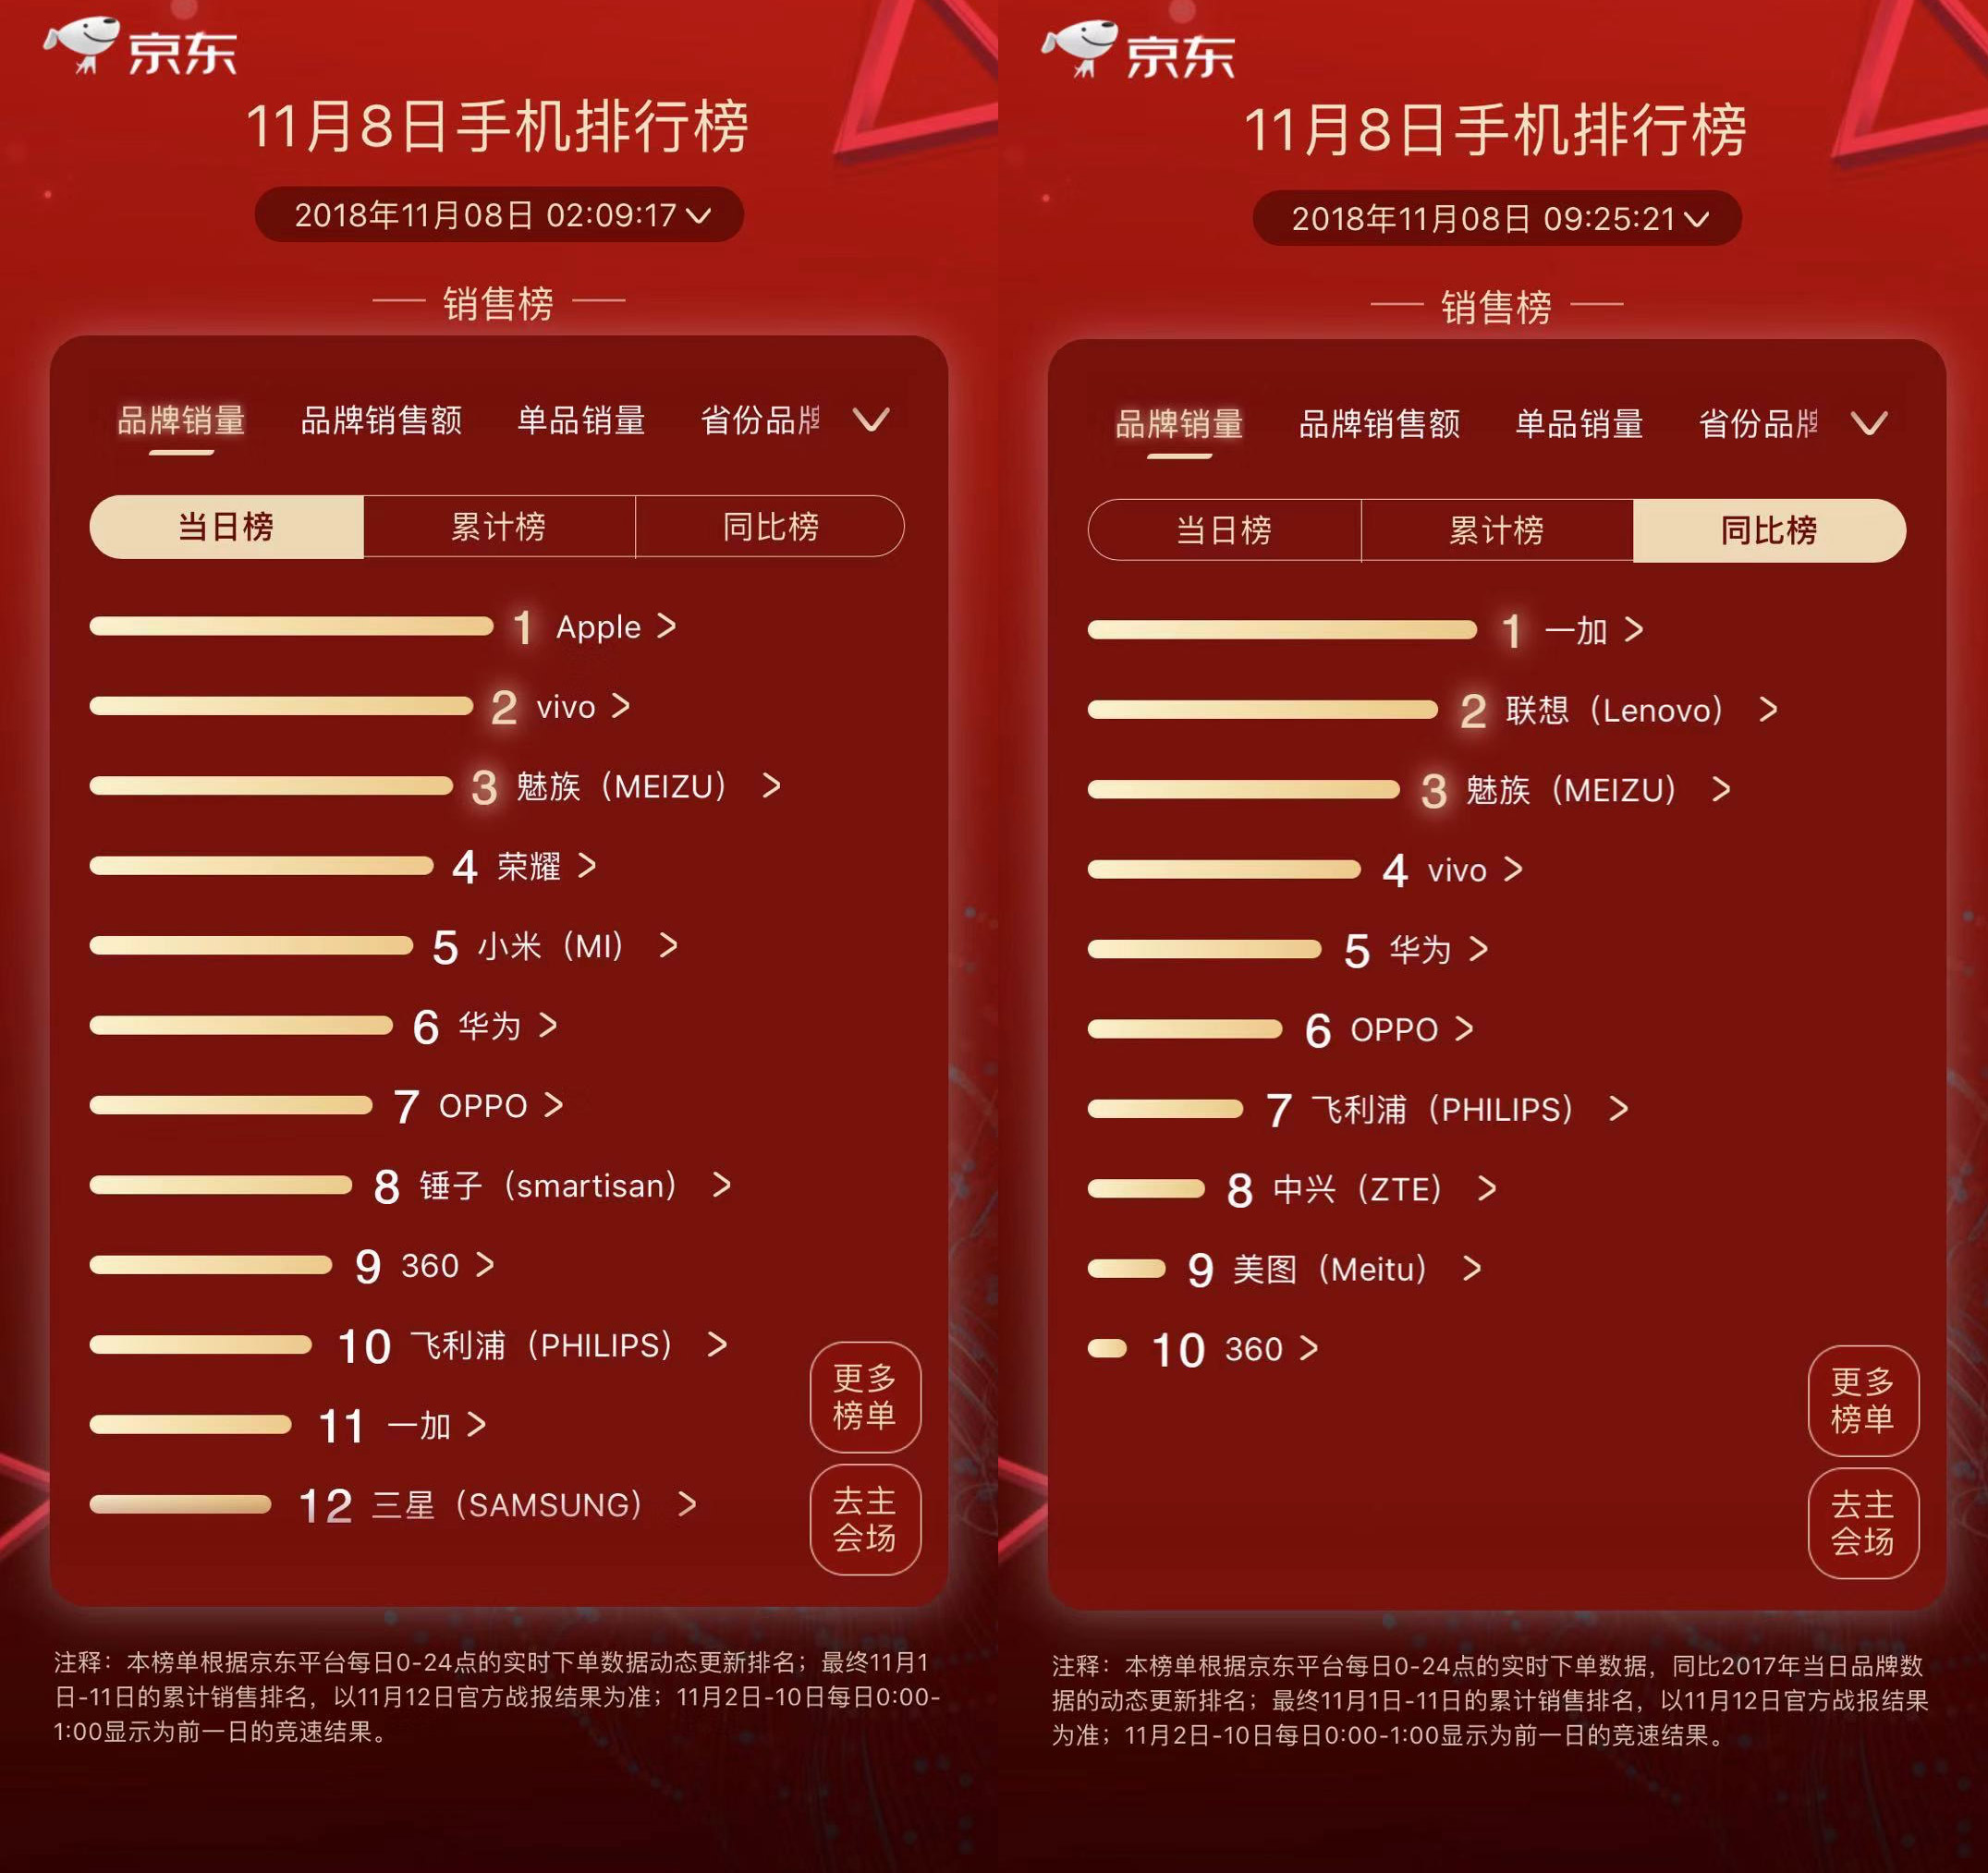 16和X8助力双十一  魅族荣登京东单日销量榜和同比榜前三